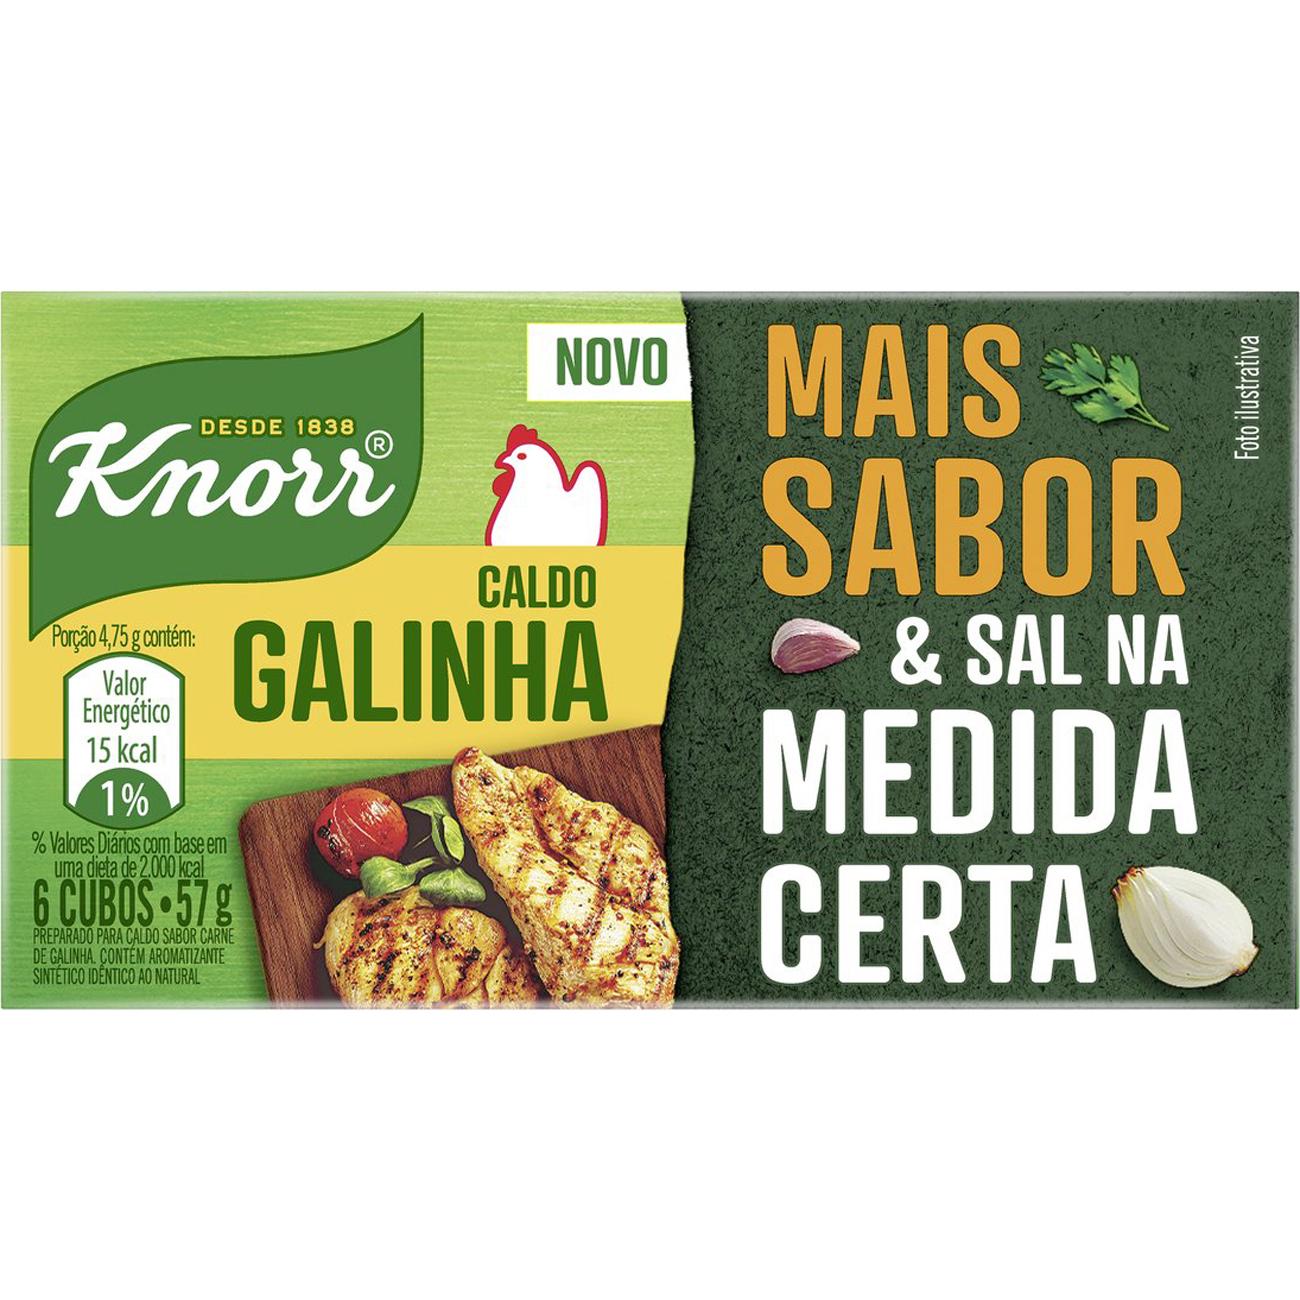 Caldo Knorr Galinha 57G